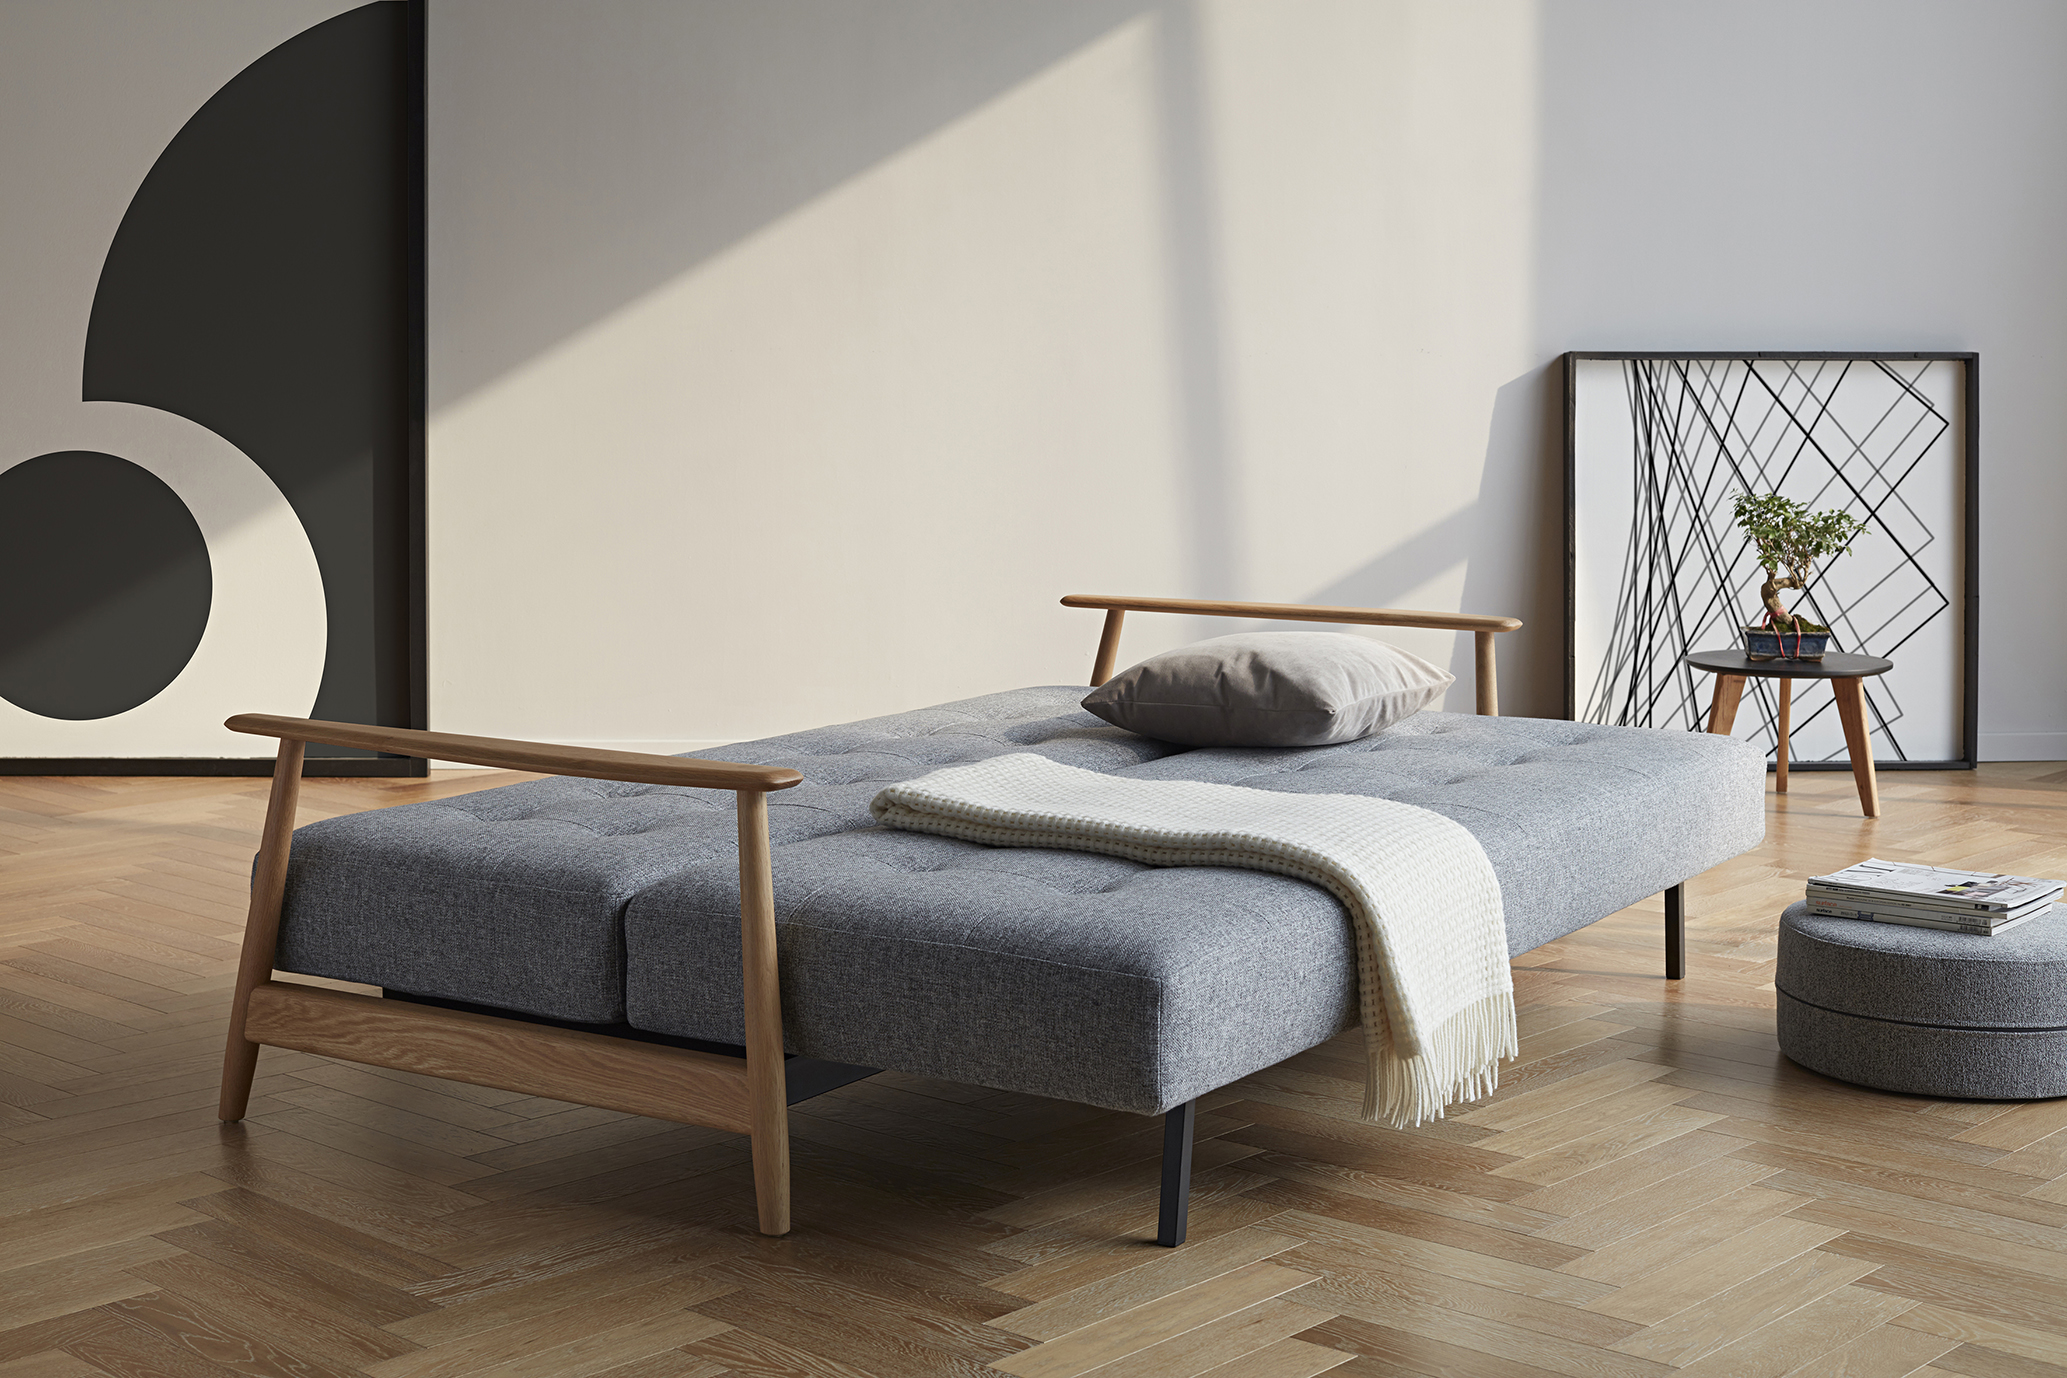 una-sofa-oliver-lukas-weisskrogh-3.jpg